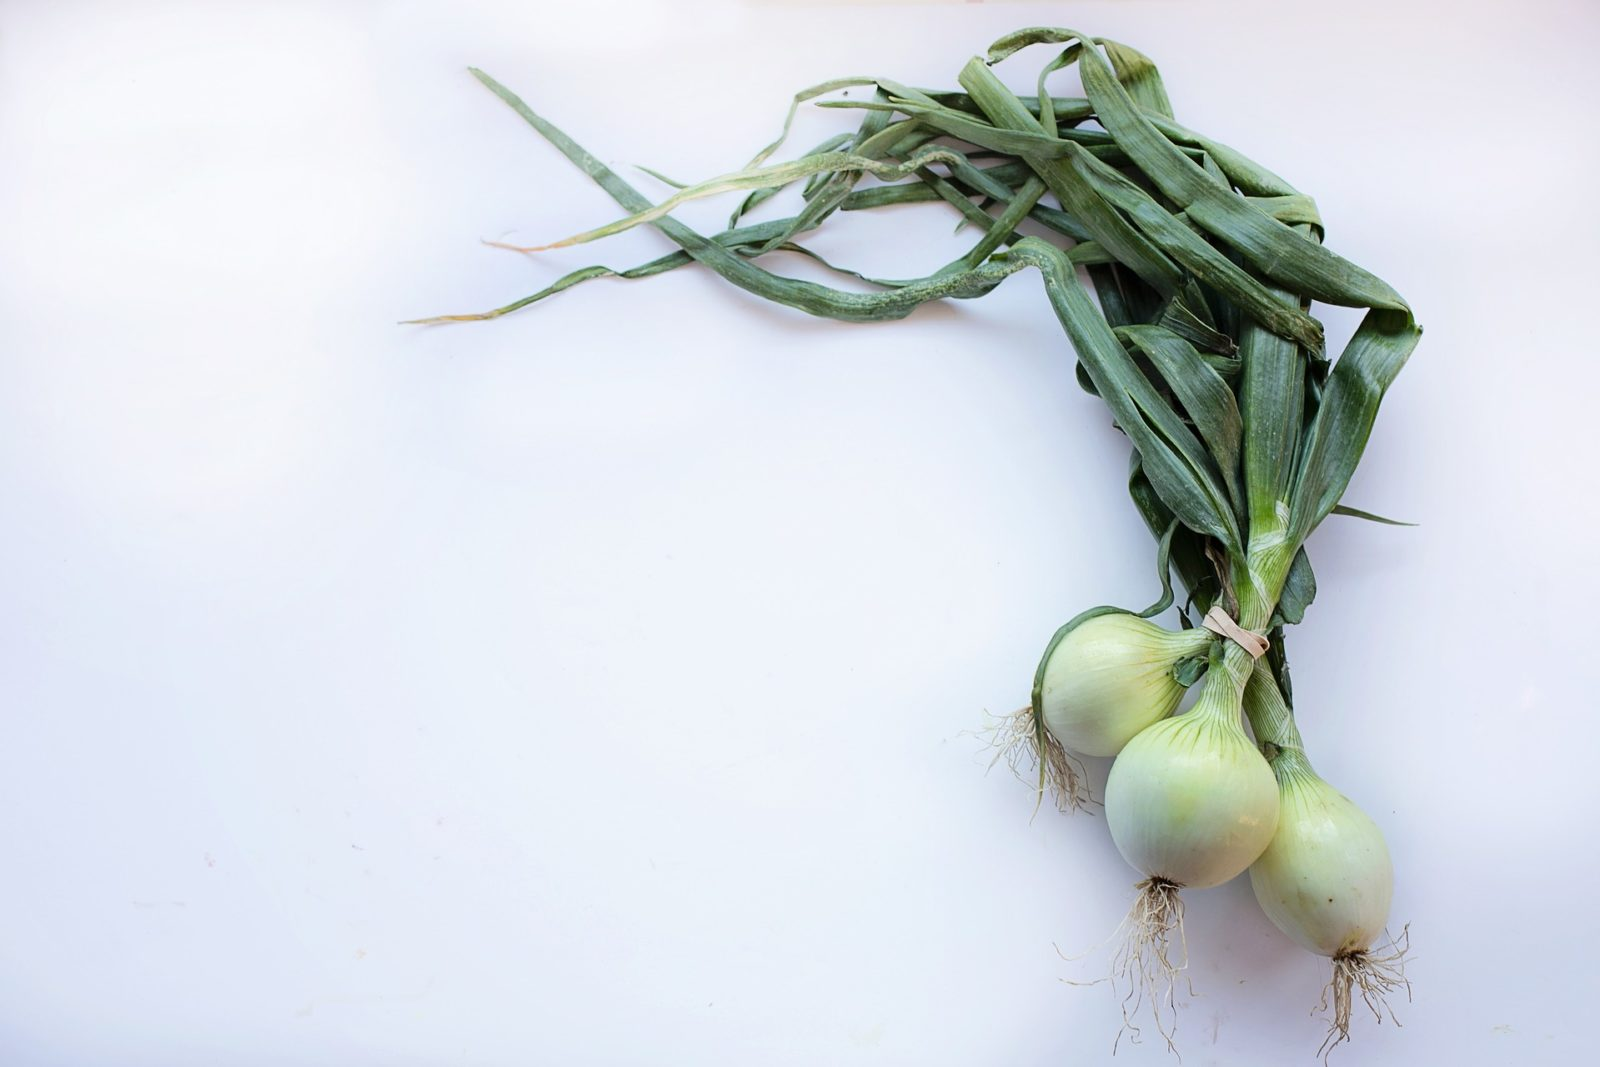 Zwiebeln-heilsames und gesundes Gemüse - Titelbild - BellsWelt